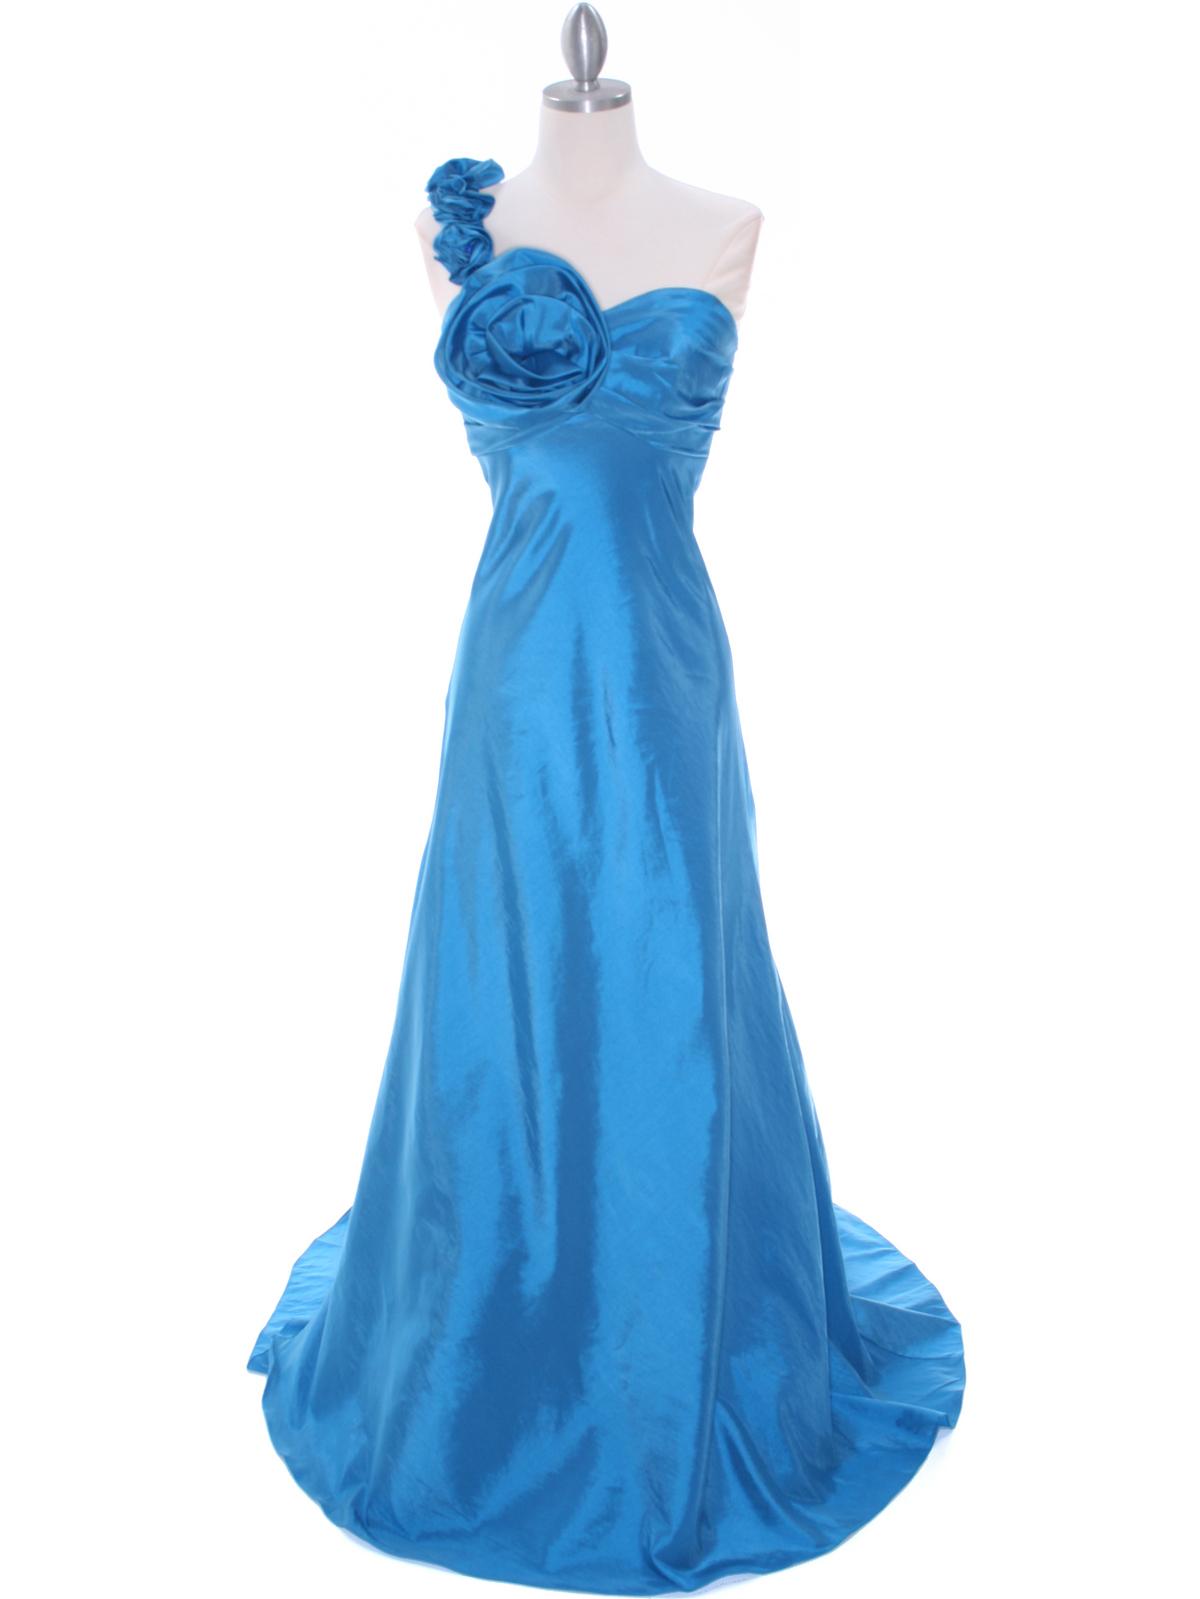 Indigo Blue Taffeta Rosette Prom Evening Dress Sung